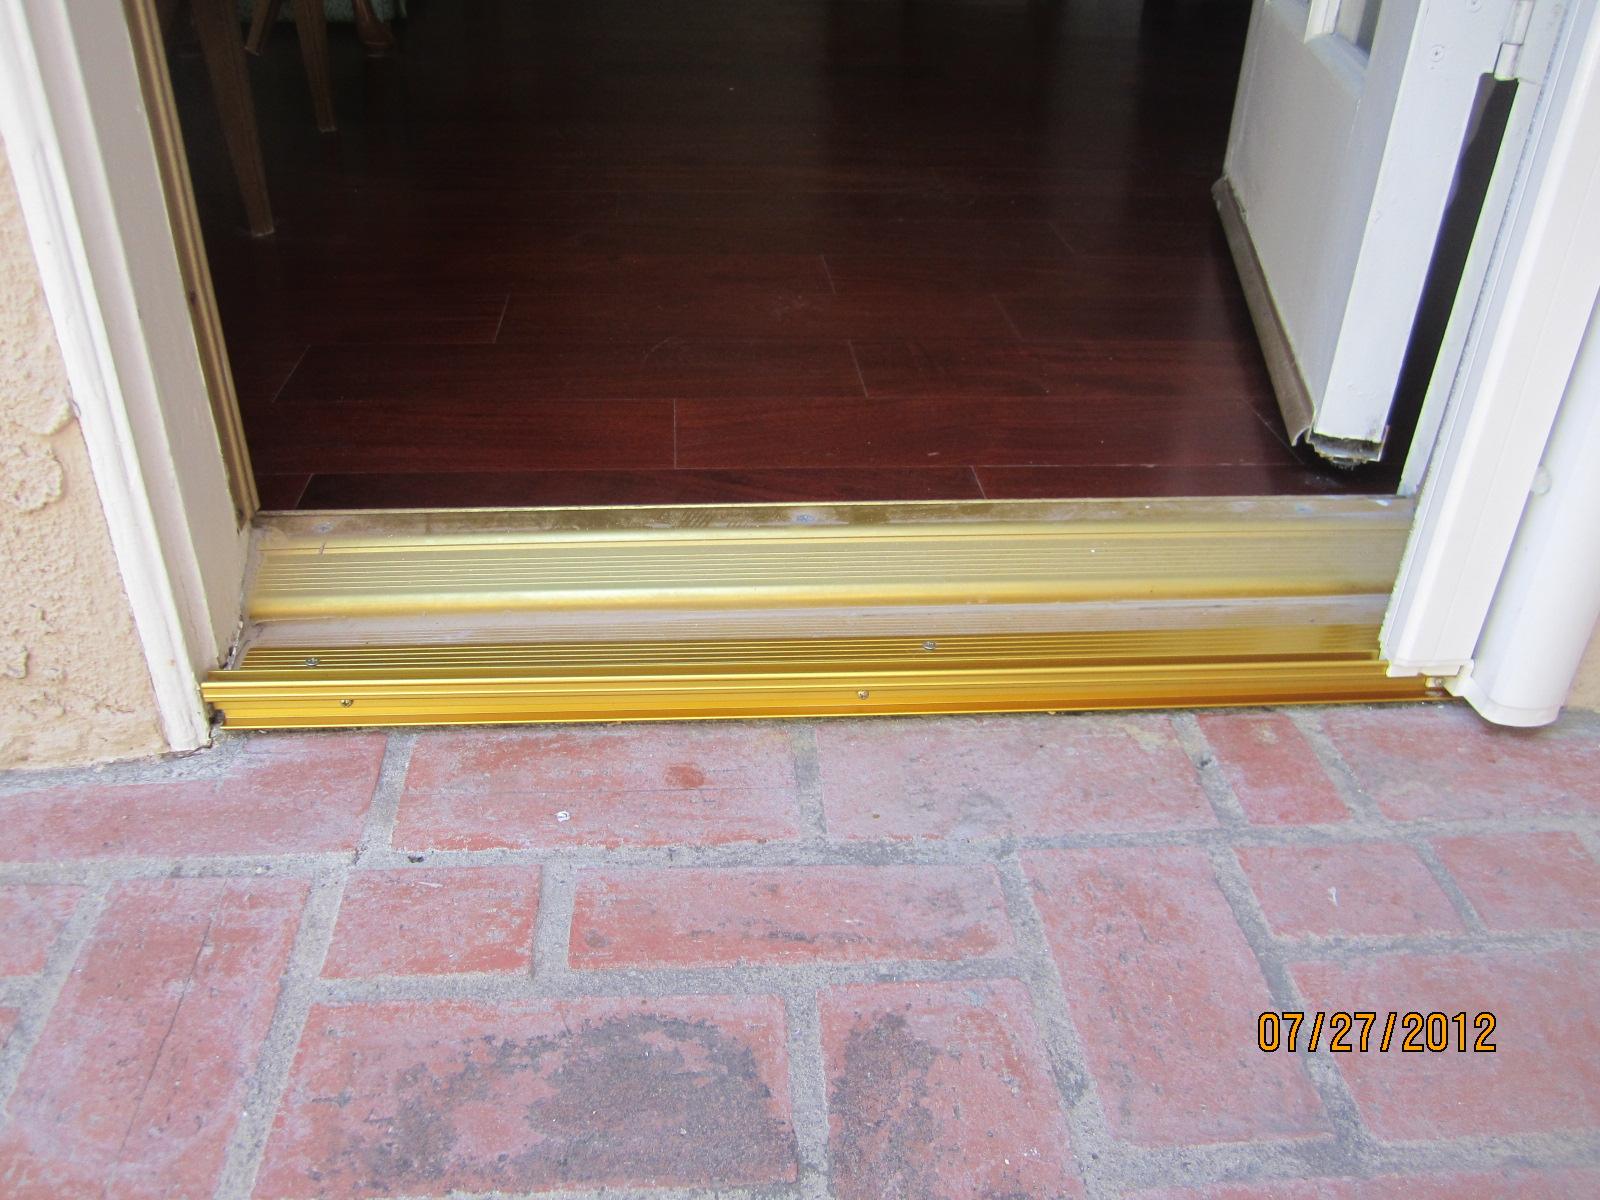 Single swinging door threshold after installation in for Door threshold